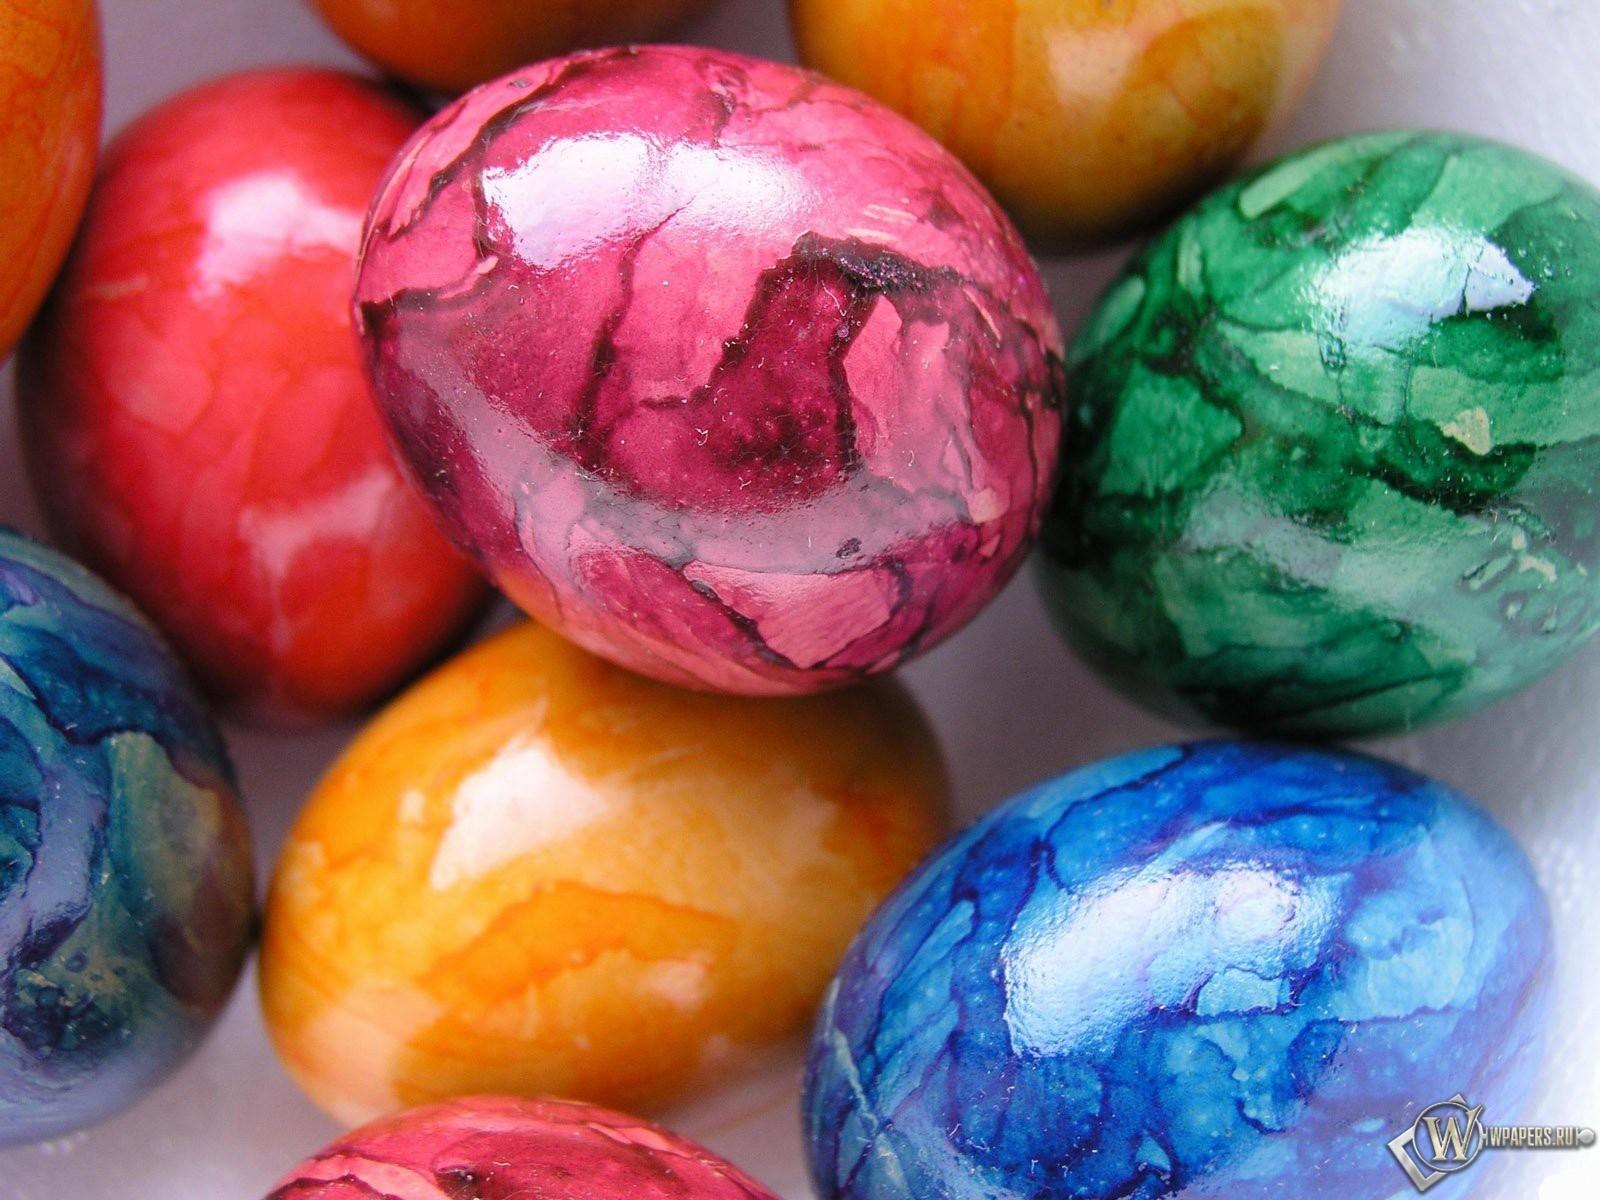 Фото старого седого члена с яйцами 14 фотография